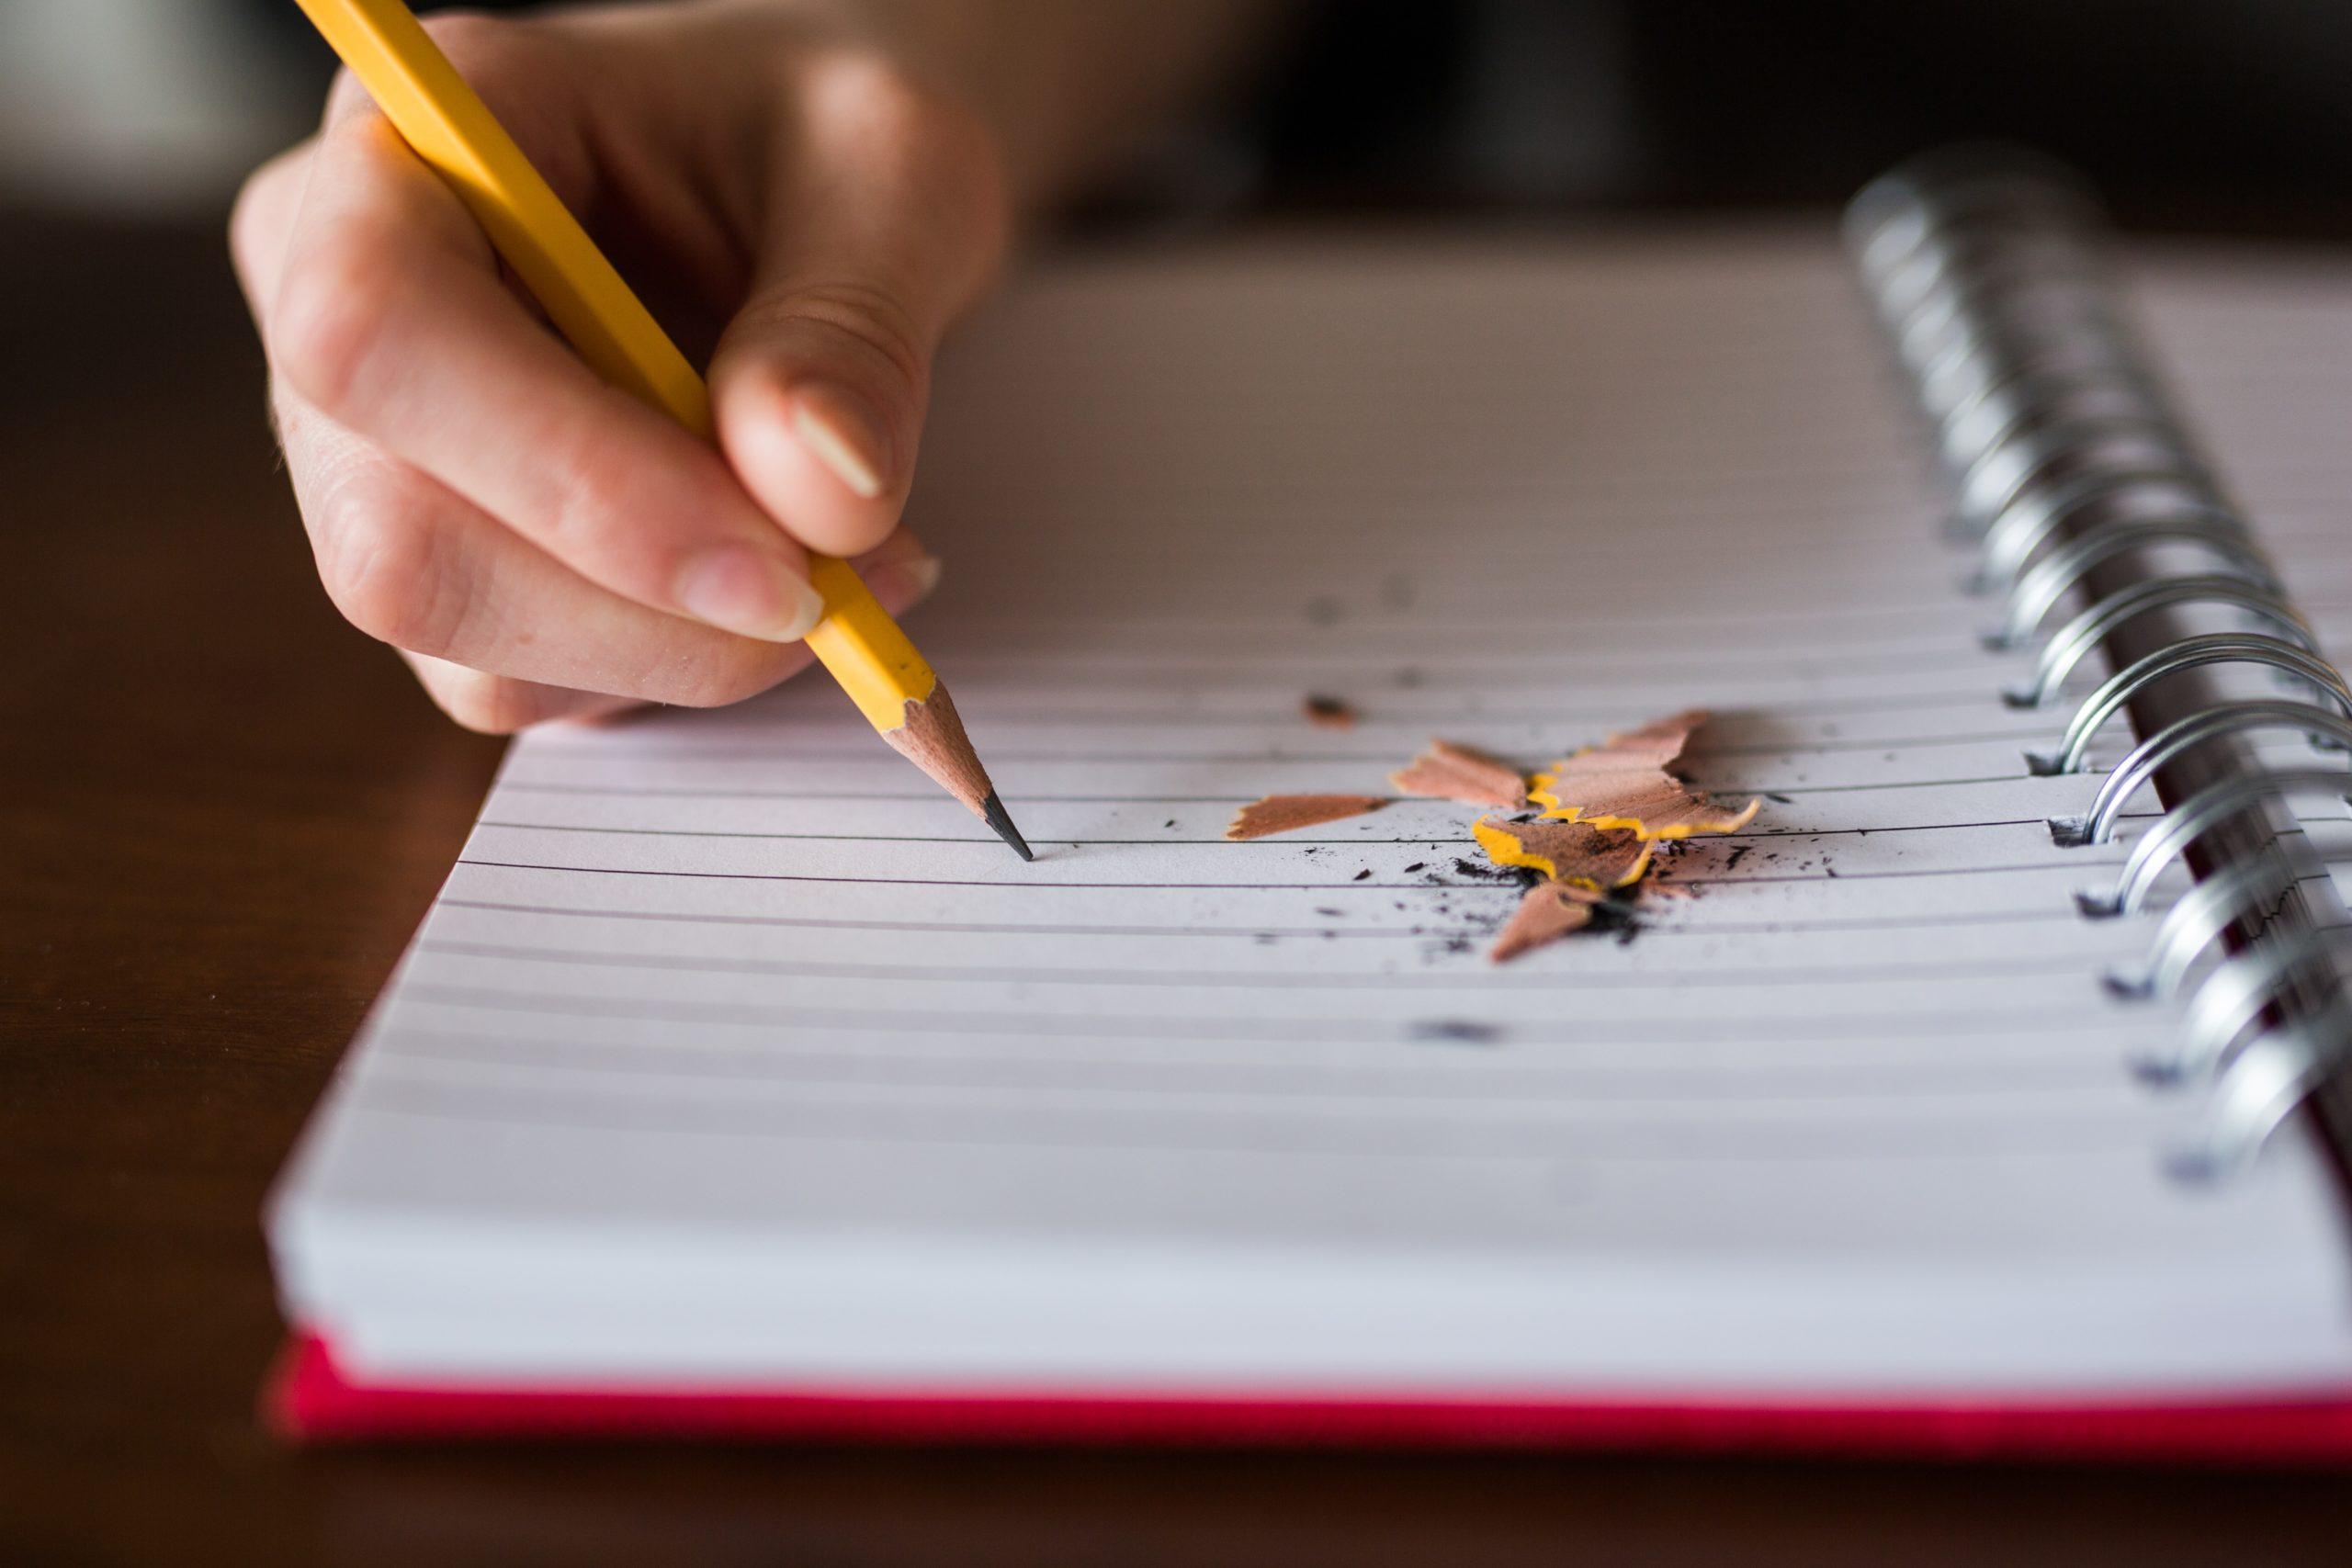 アフィリエイトで稼げる文章力はコレ!5つのポイントと手順を紹介!